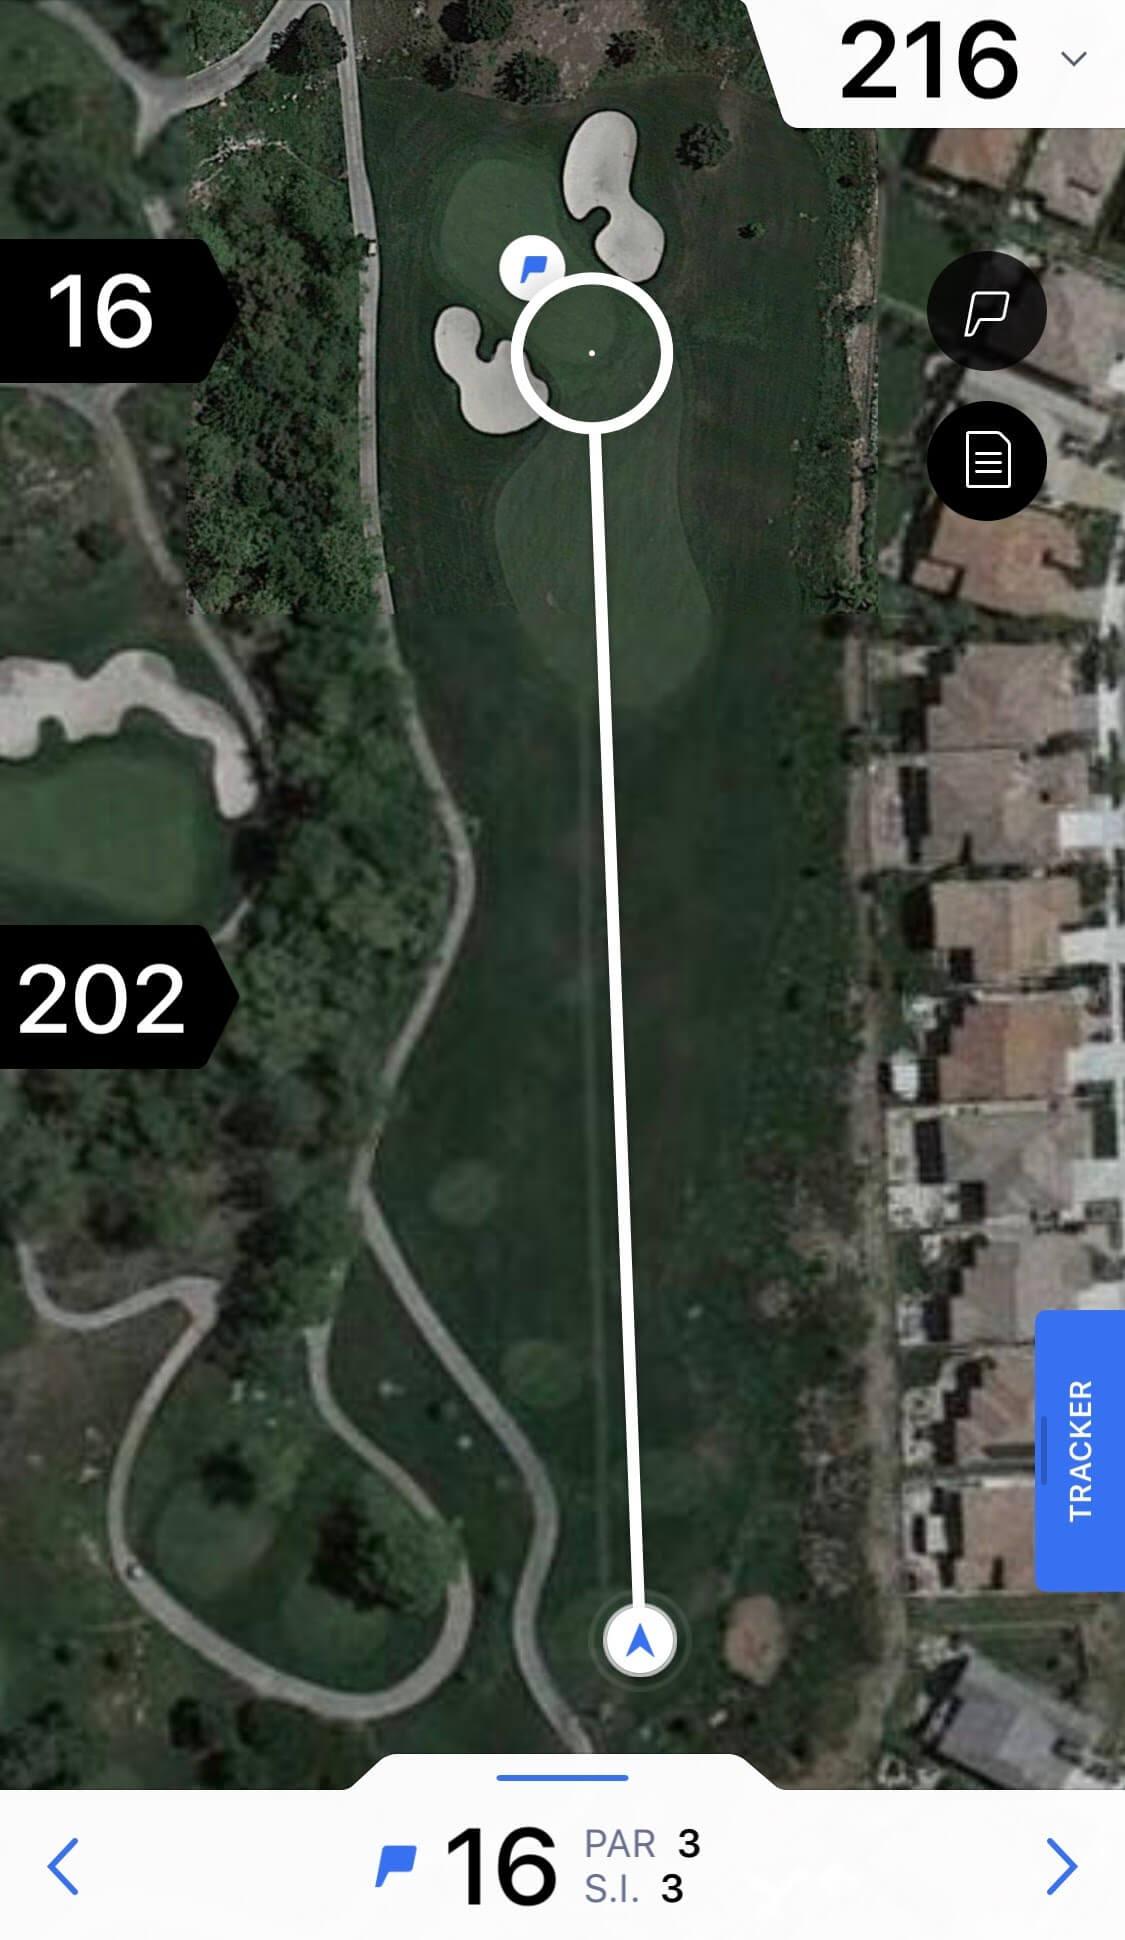 CourseGuide_Aliso_Viejo_hole16.jpg